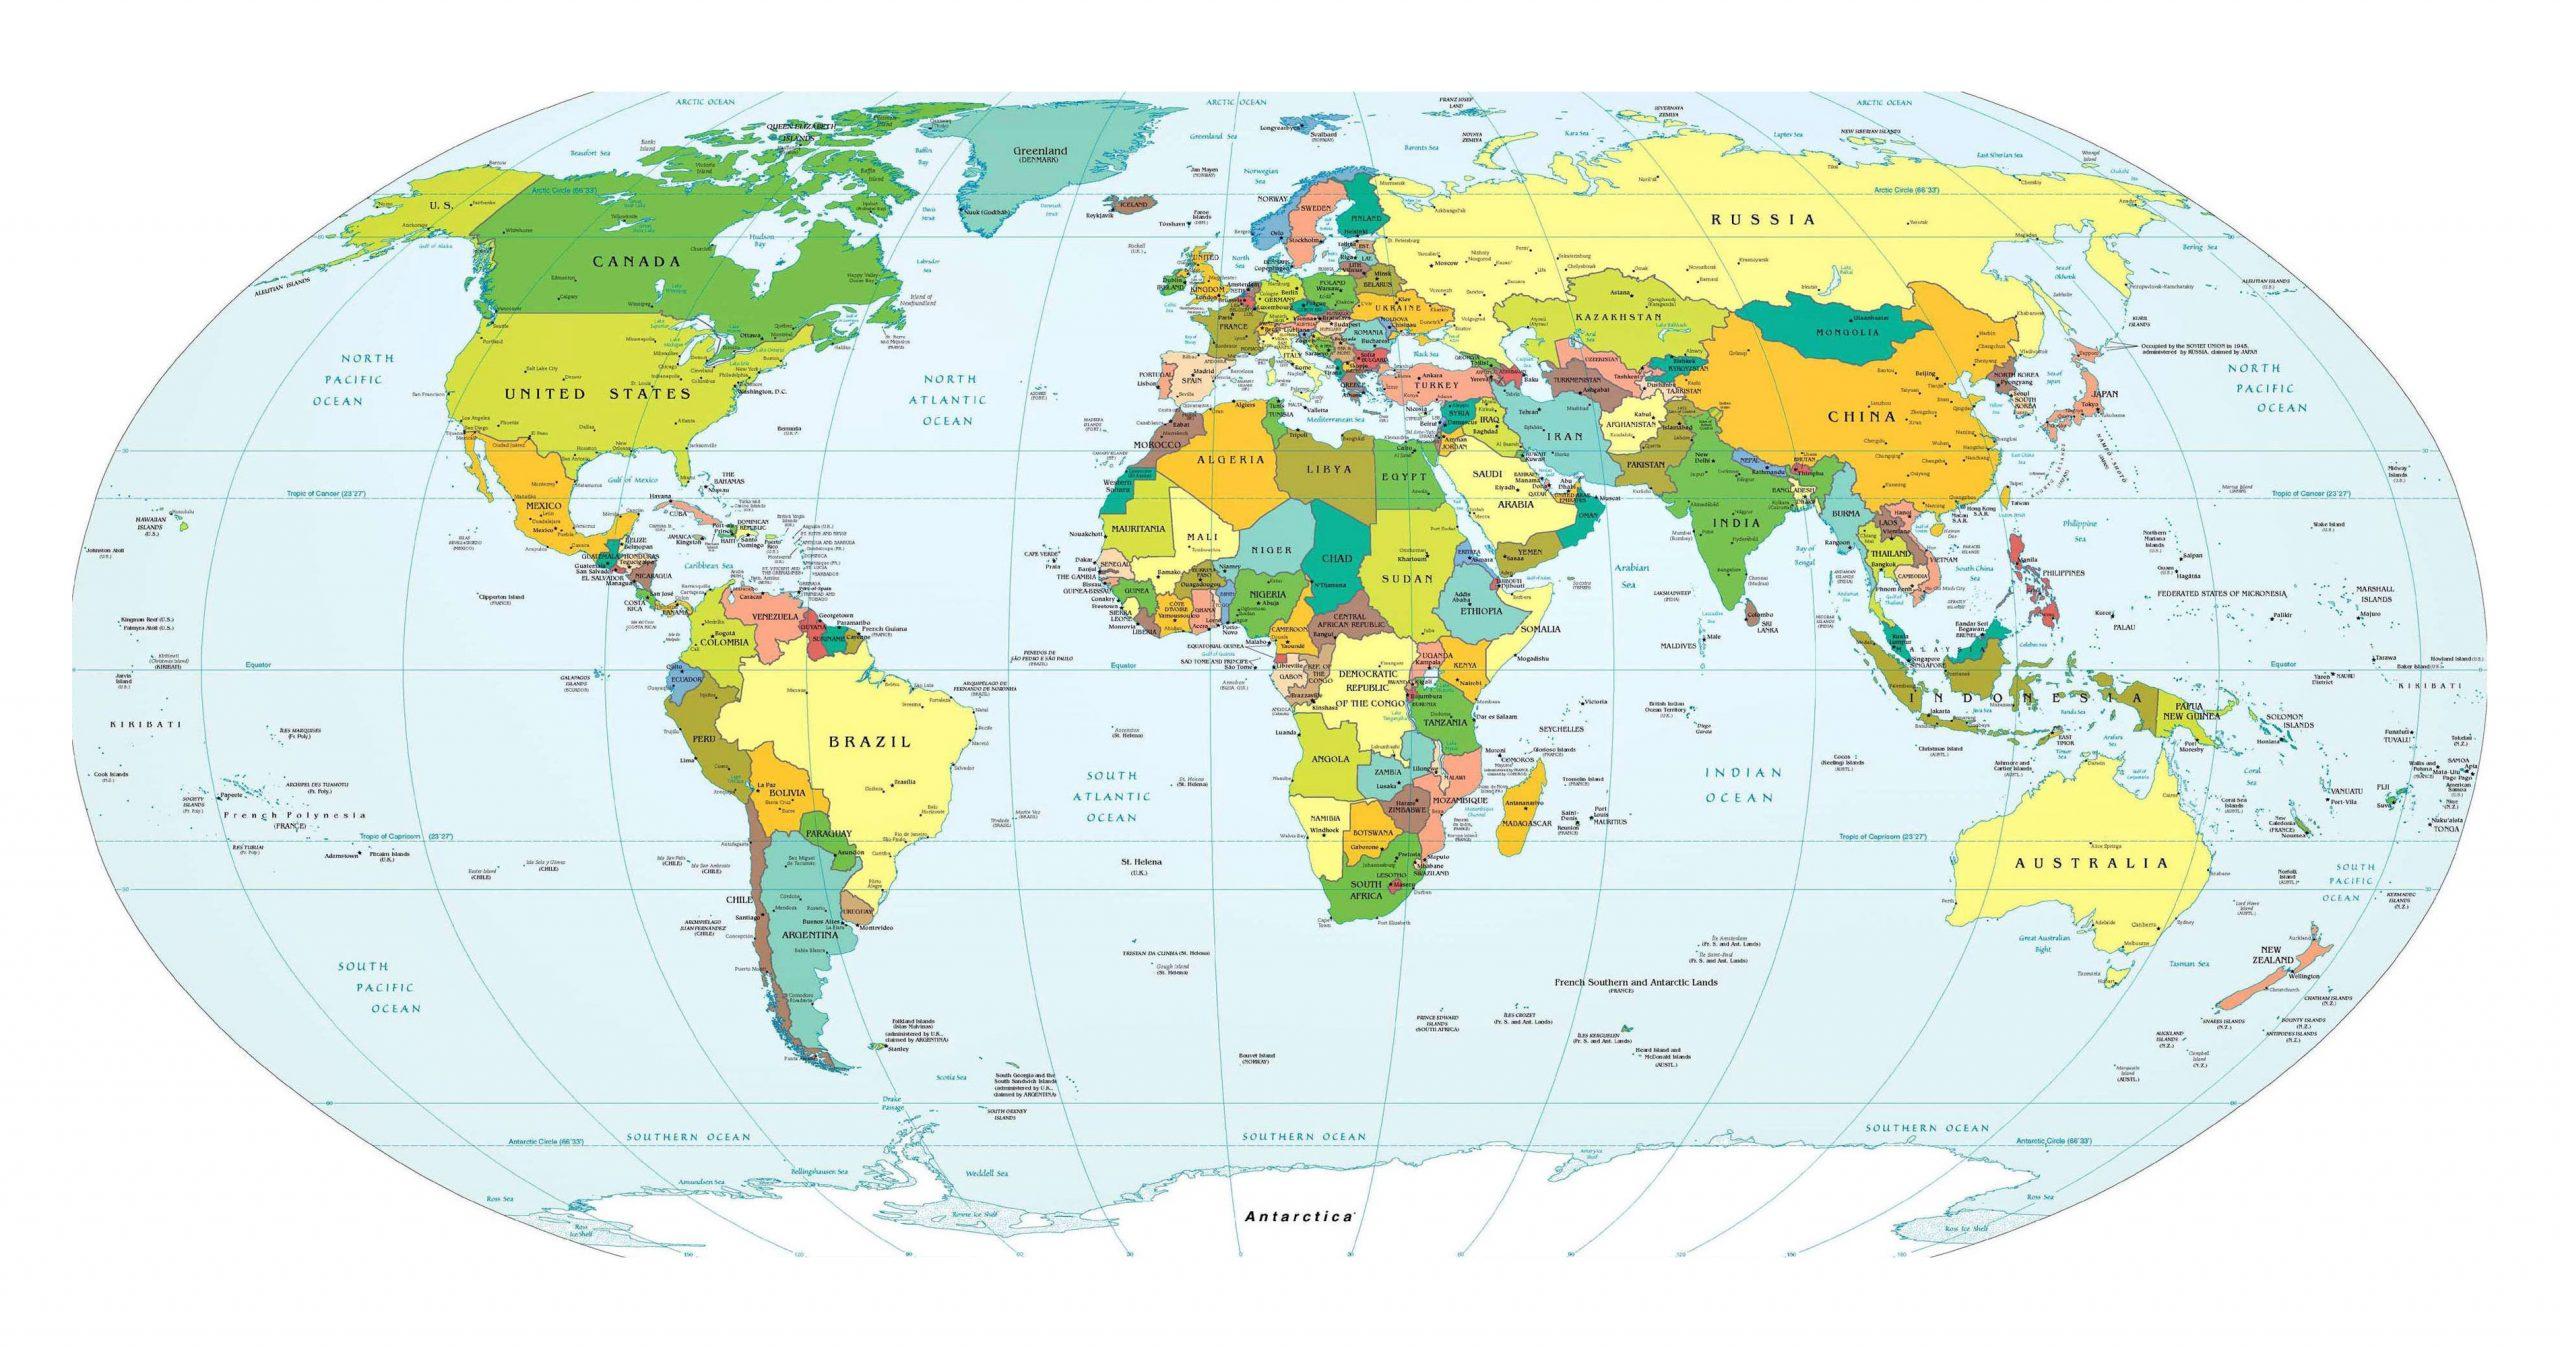 Carte Du Monde Détaillée Avec Pays Et Capitales - Comparatif destiné Carte Du Monde Avec Capitale